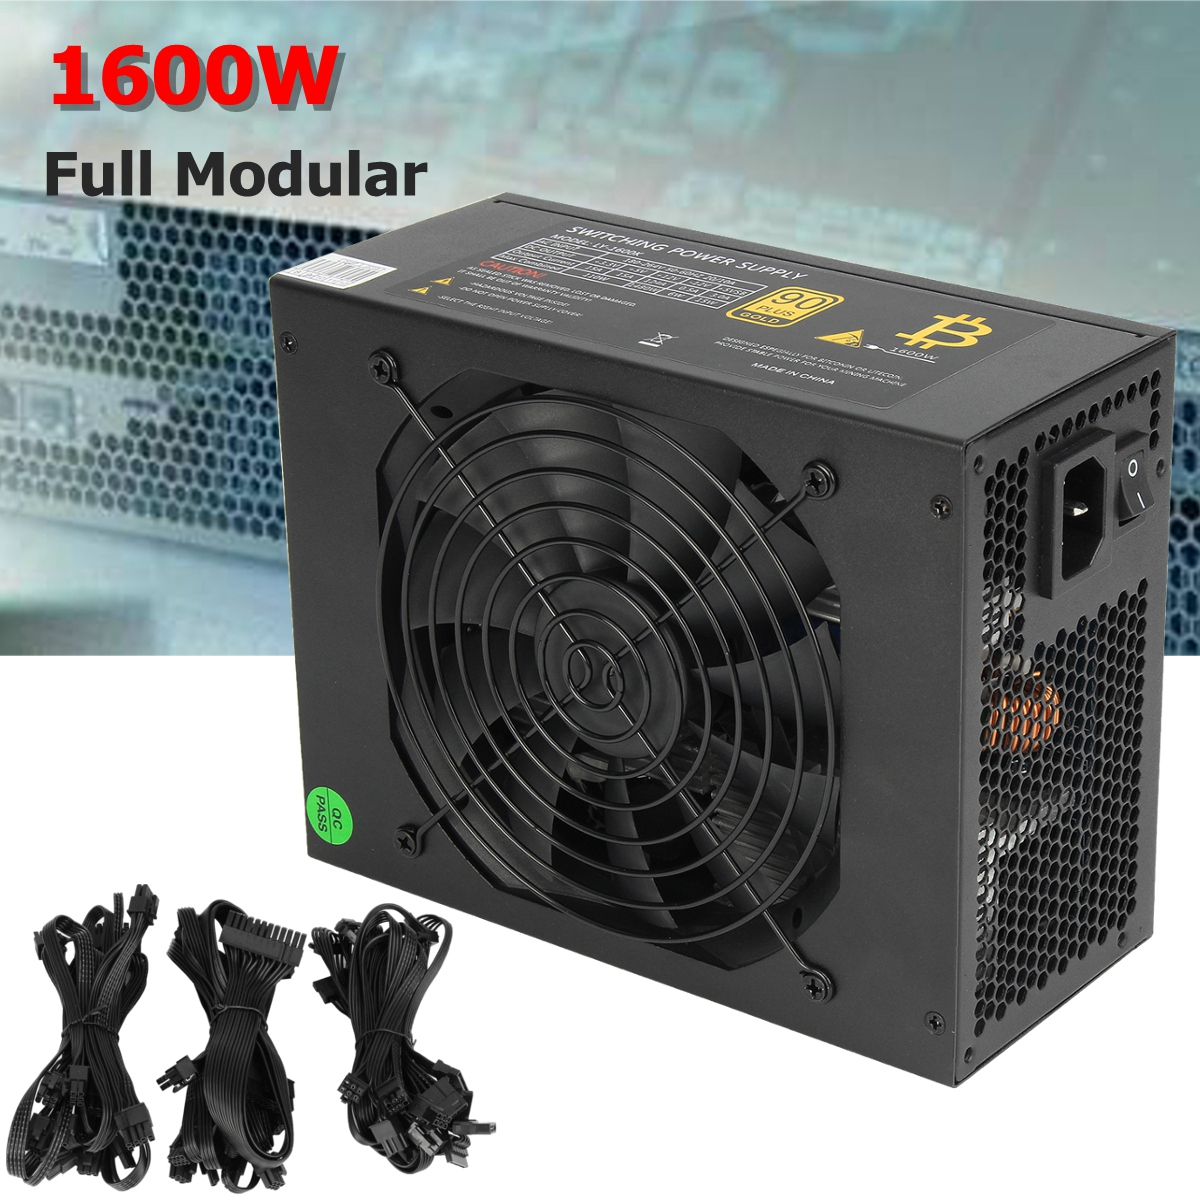 1600 w Modulaire Minière Alimentation GPU Pour Bitcoin Mineur Eth Rig S7 S9 L3 + D3 Haute Qualité ordinateur alimentation Pour BTC